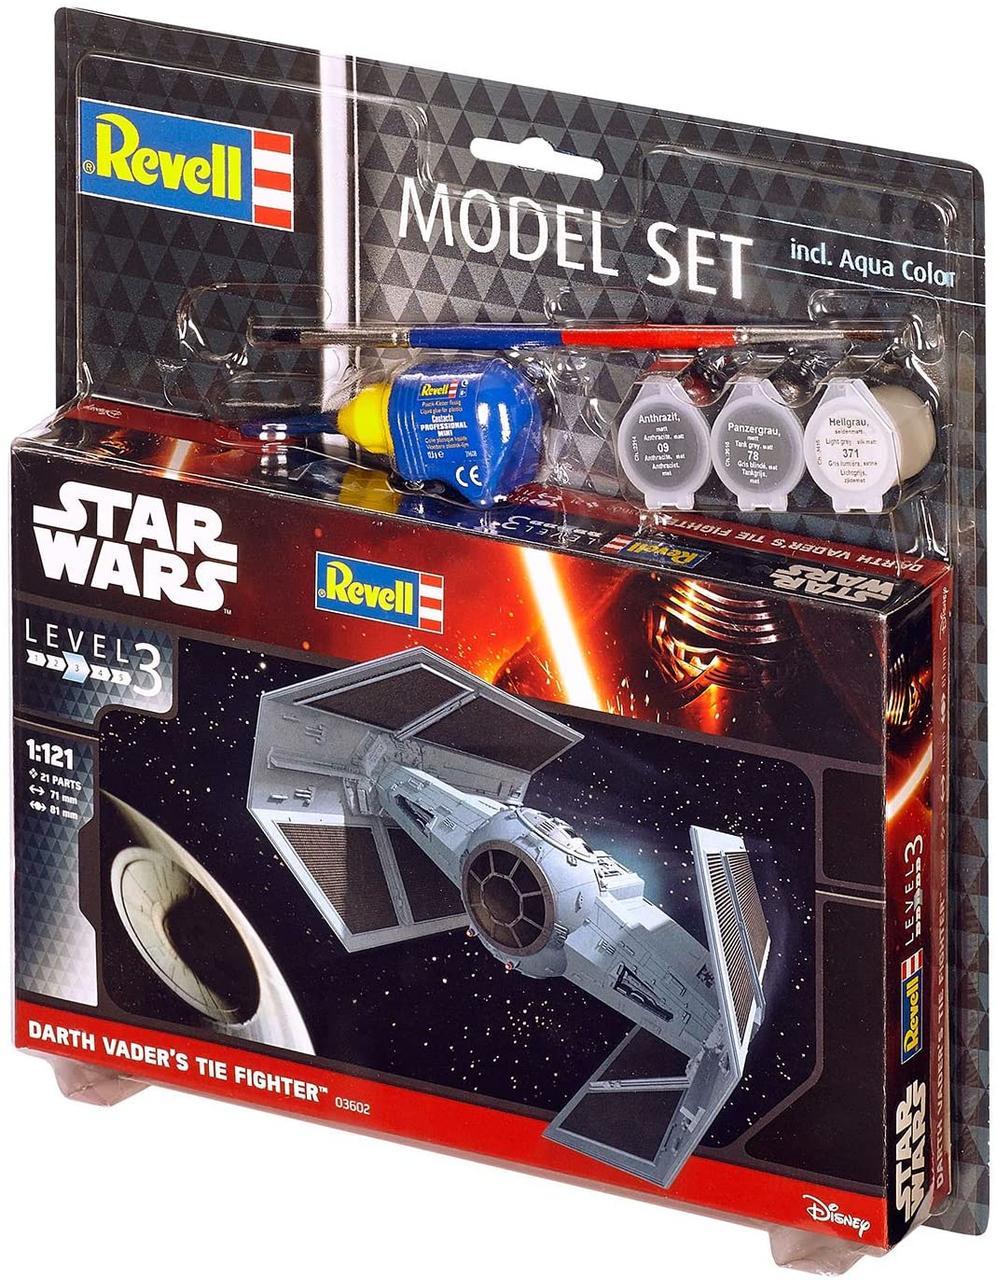 Сборная модель-копия Revell Звездный СИД-истребитель Дарта Вейдера уровень 3 масштаб 1:121 (RVL-63602)